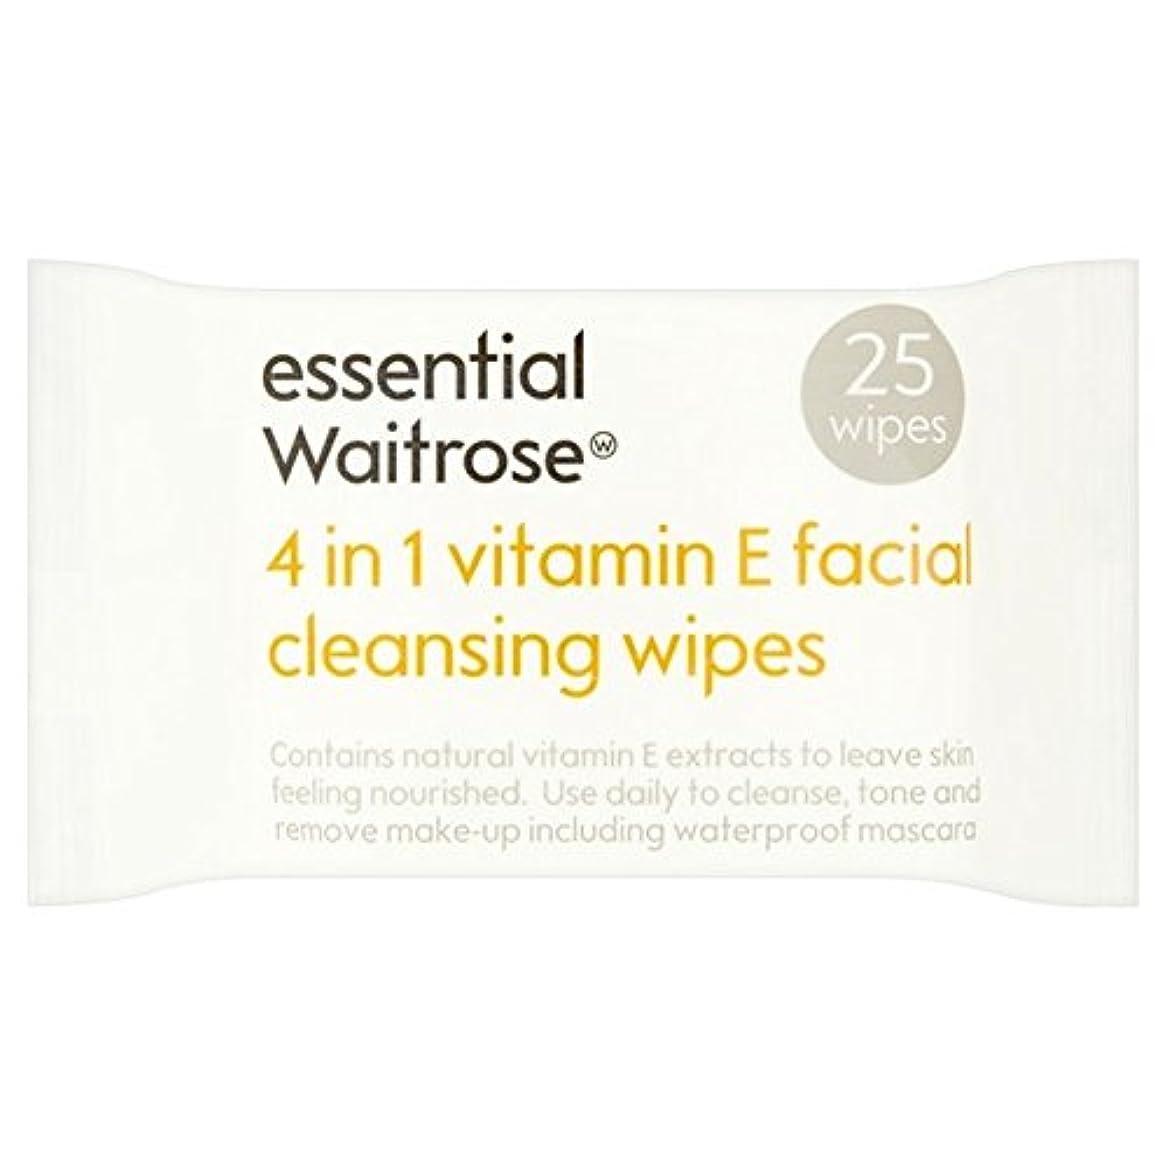 時亡命ジョージエリオット1つのクレンジングで4不可欠パックあたりのビタミンウェイトローズ25ワイプ x4 - Essential 4 in 1 Cleansing Wipes Vitamin E Waitrose 25 per pack (Pack...